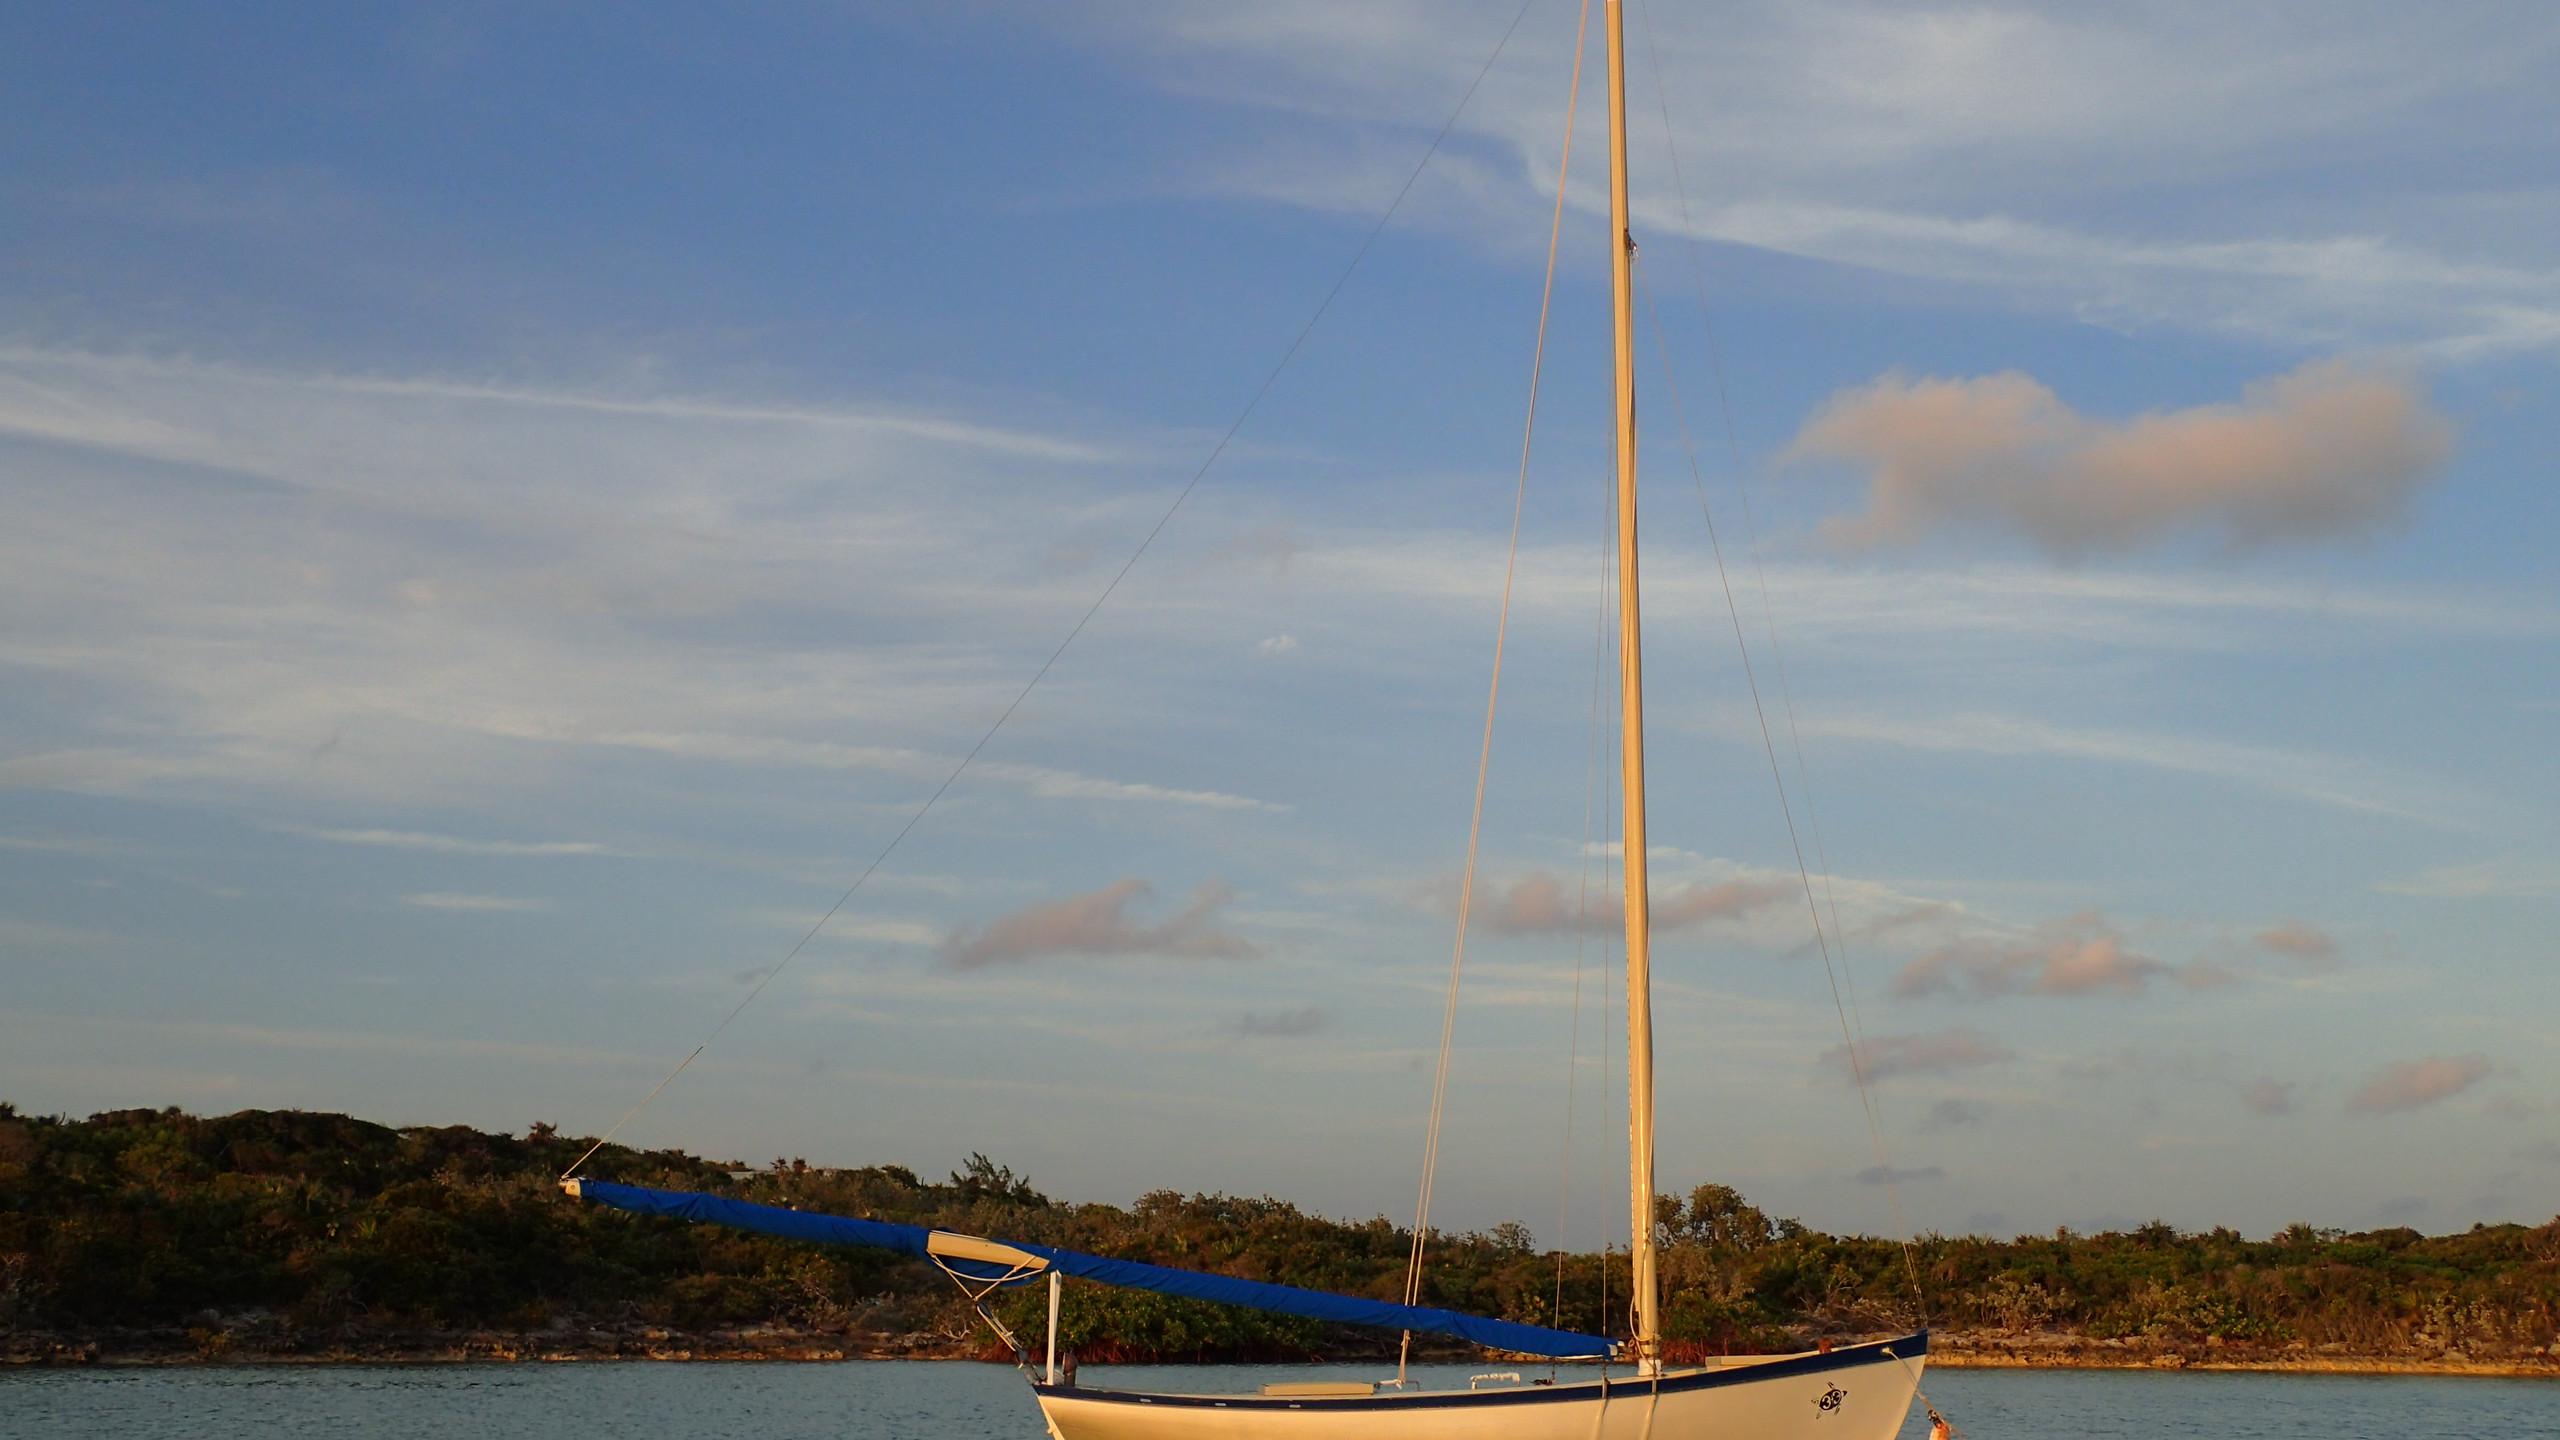 Bahamian racing sloop